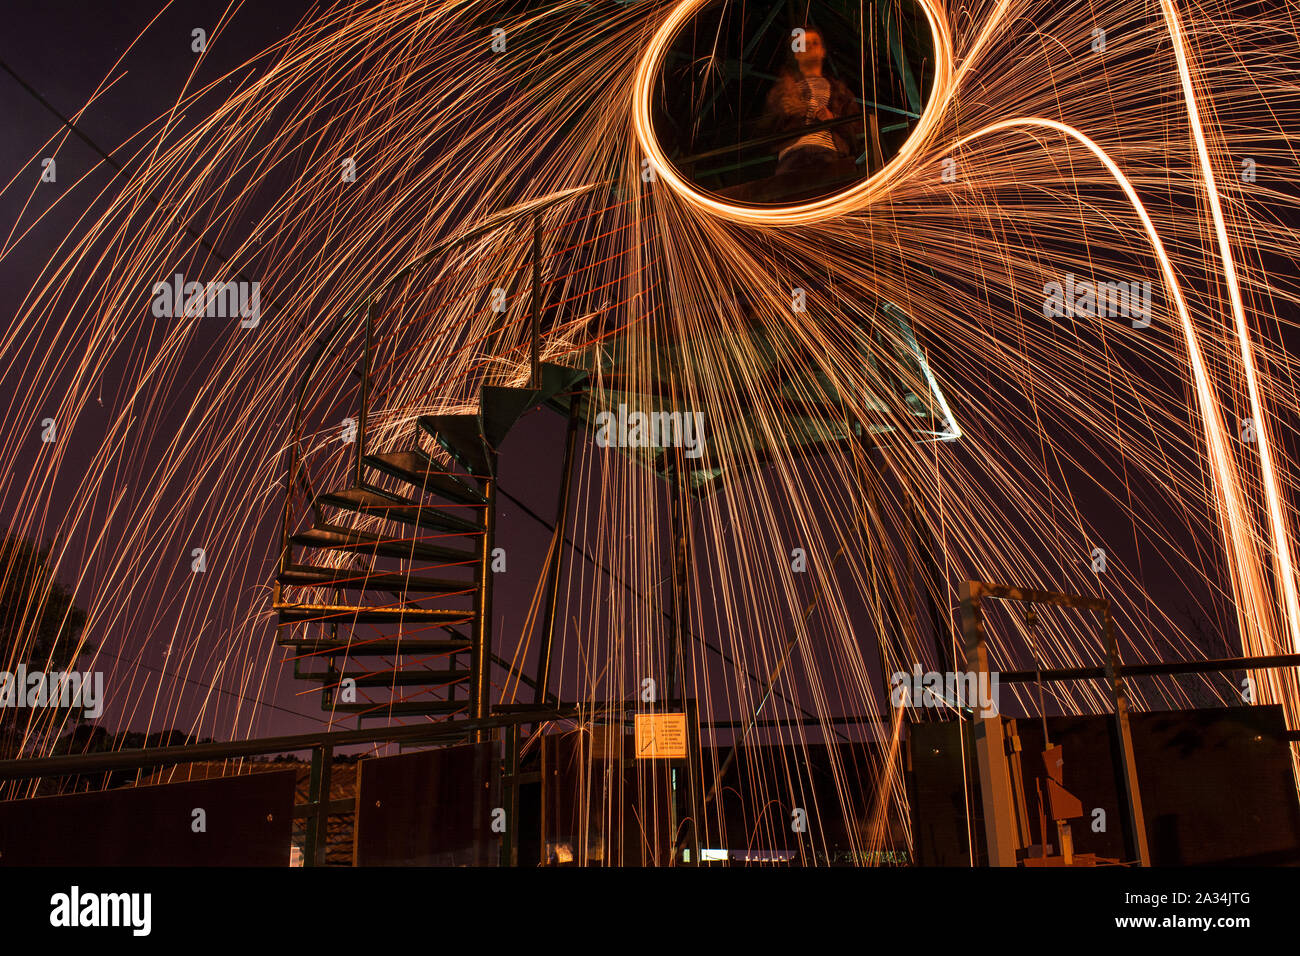 Steel wool long exposure Stock Photo